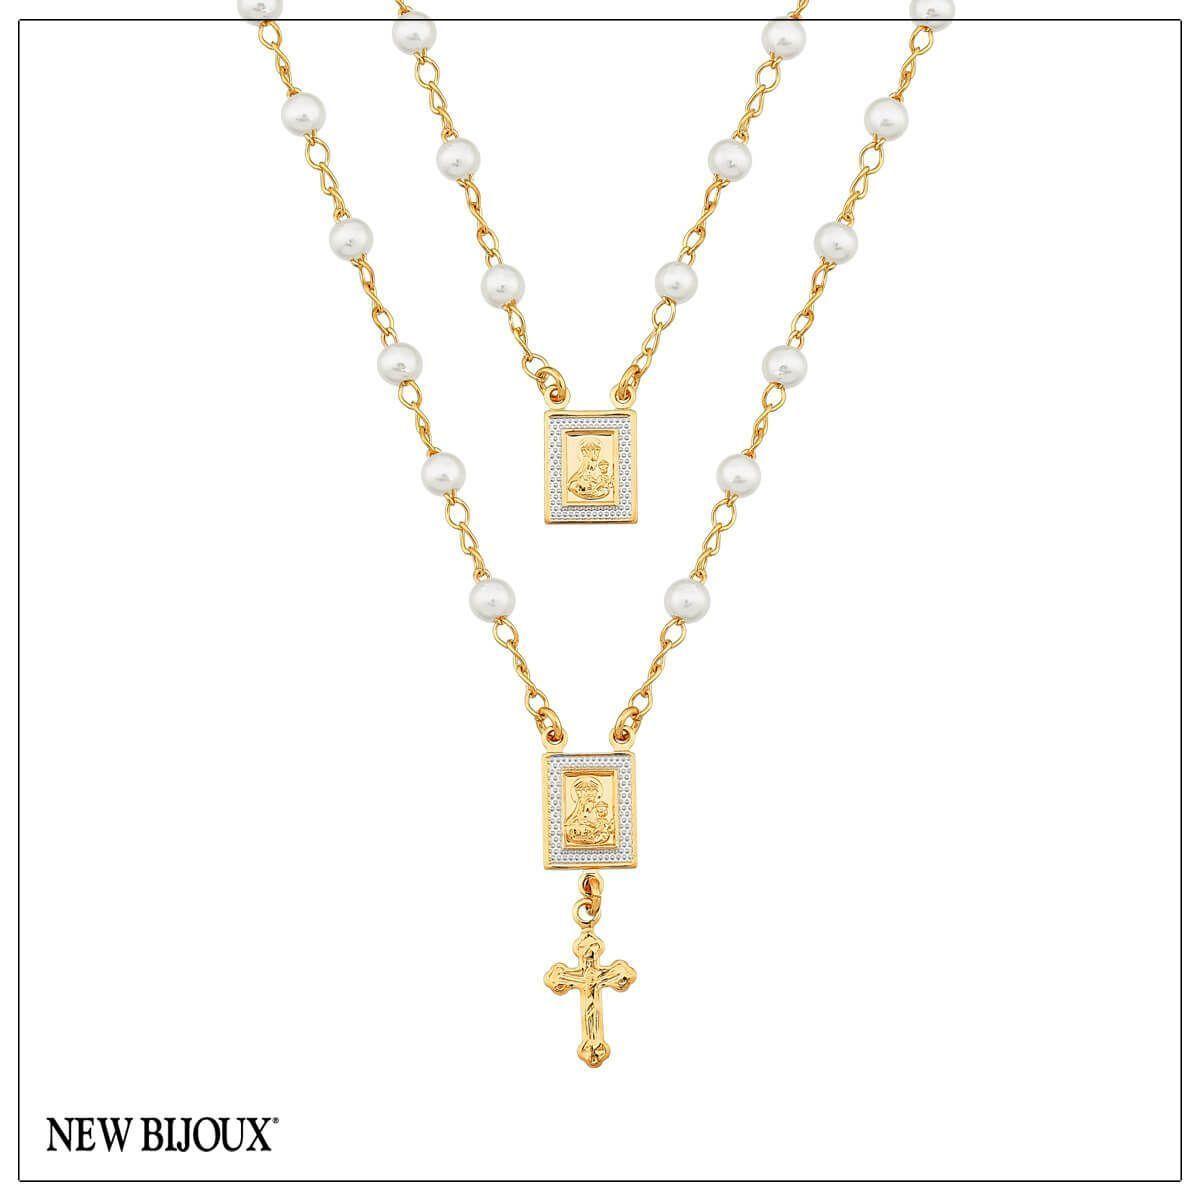 Colar escapulário frontal com pérolas, detalhe em ródio e fecho folheado a  ouro 18k Possui 36da249359